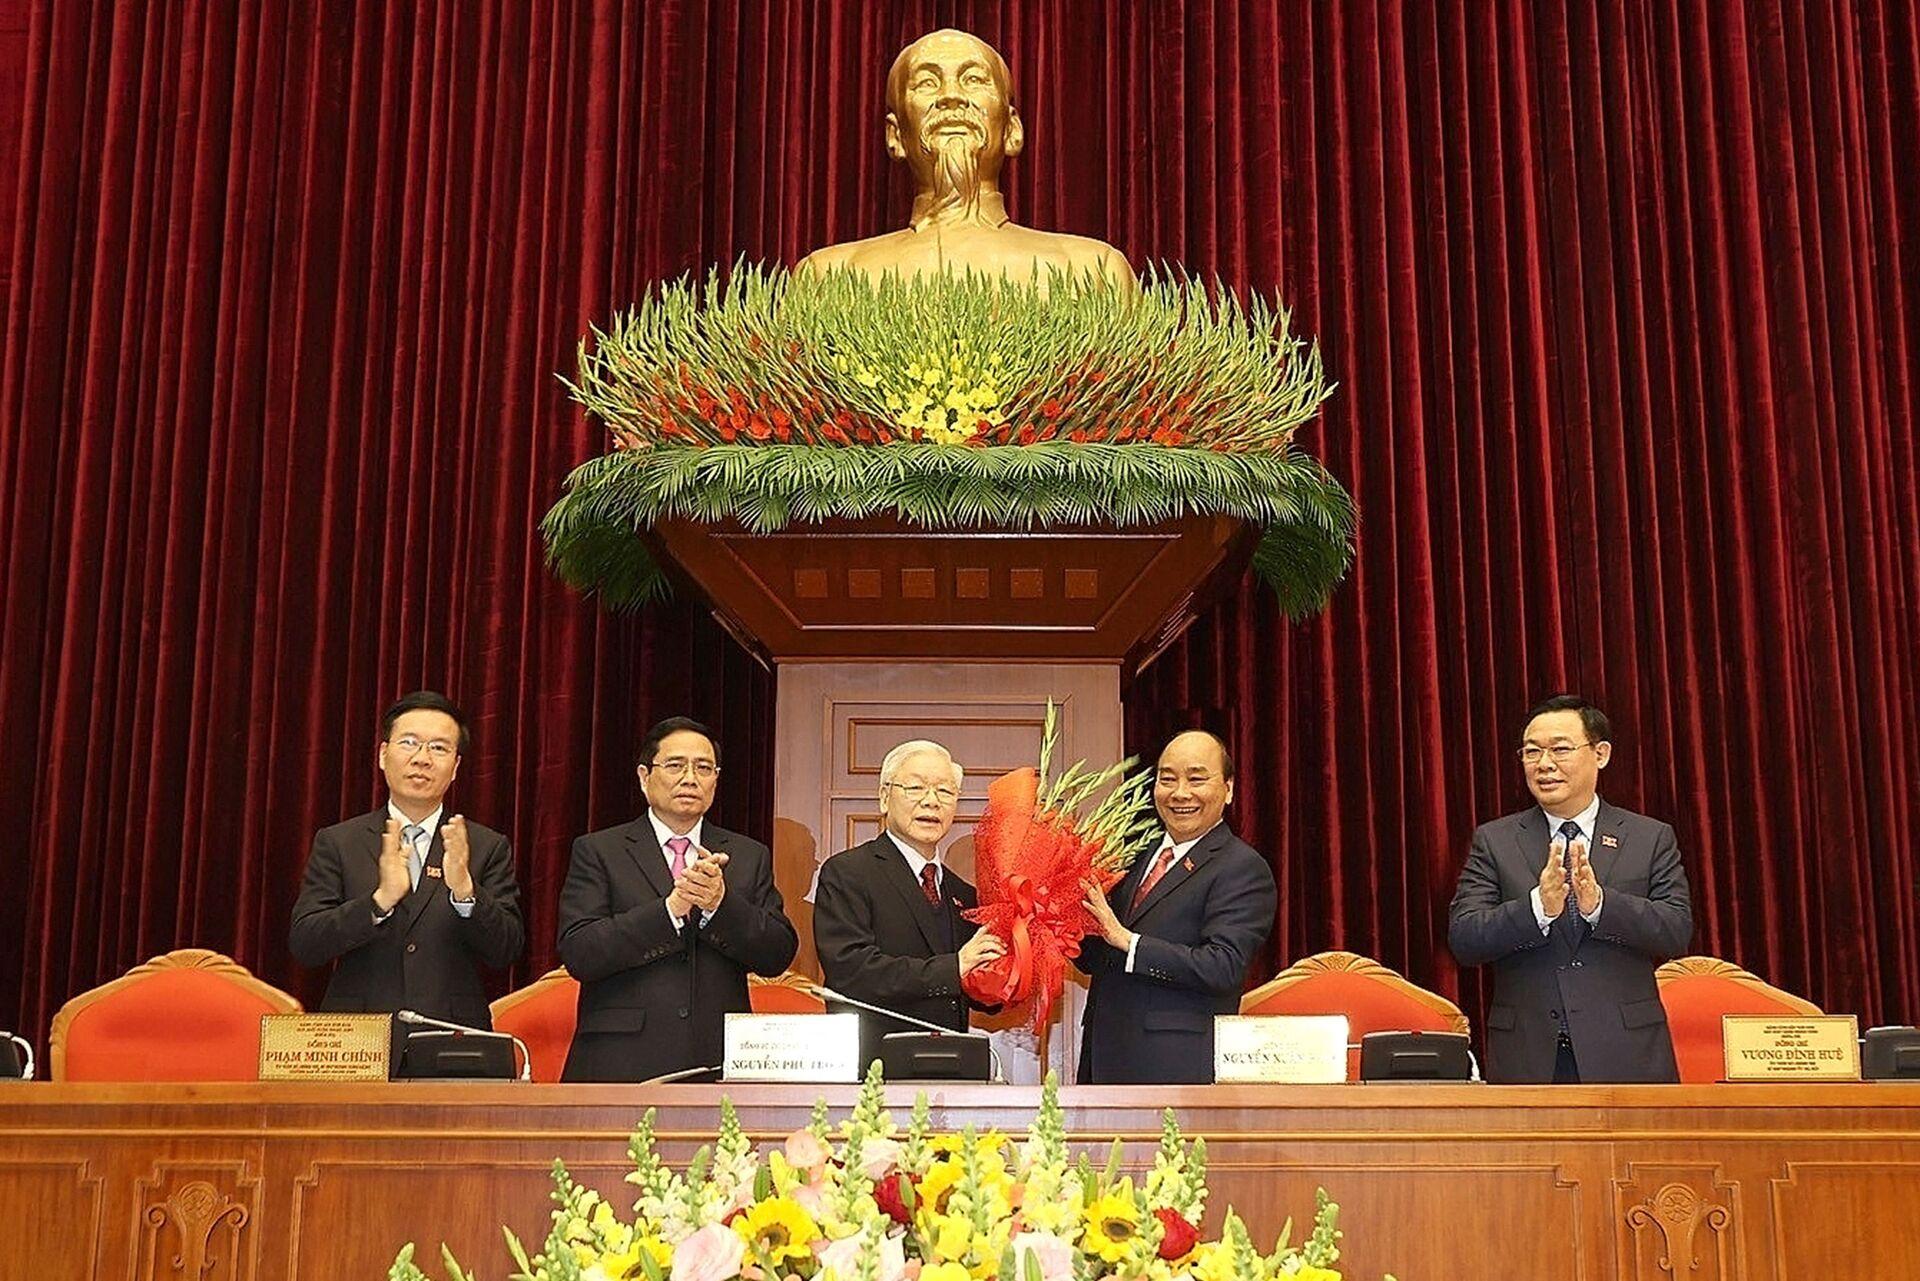 Giải mật tế nhị các vị trí lãnh đạo nhà nước và chính phủ - Sputnik Việt Nam, 1920, 22.03.2021